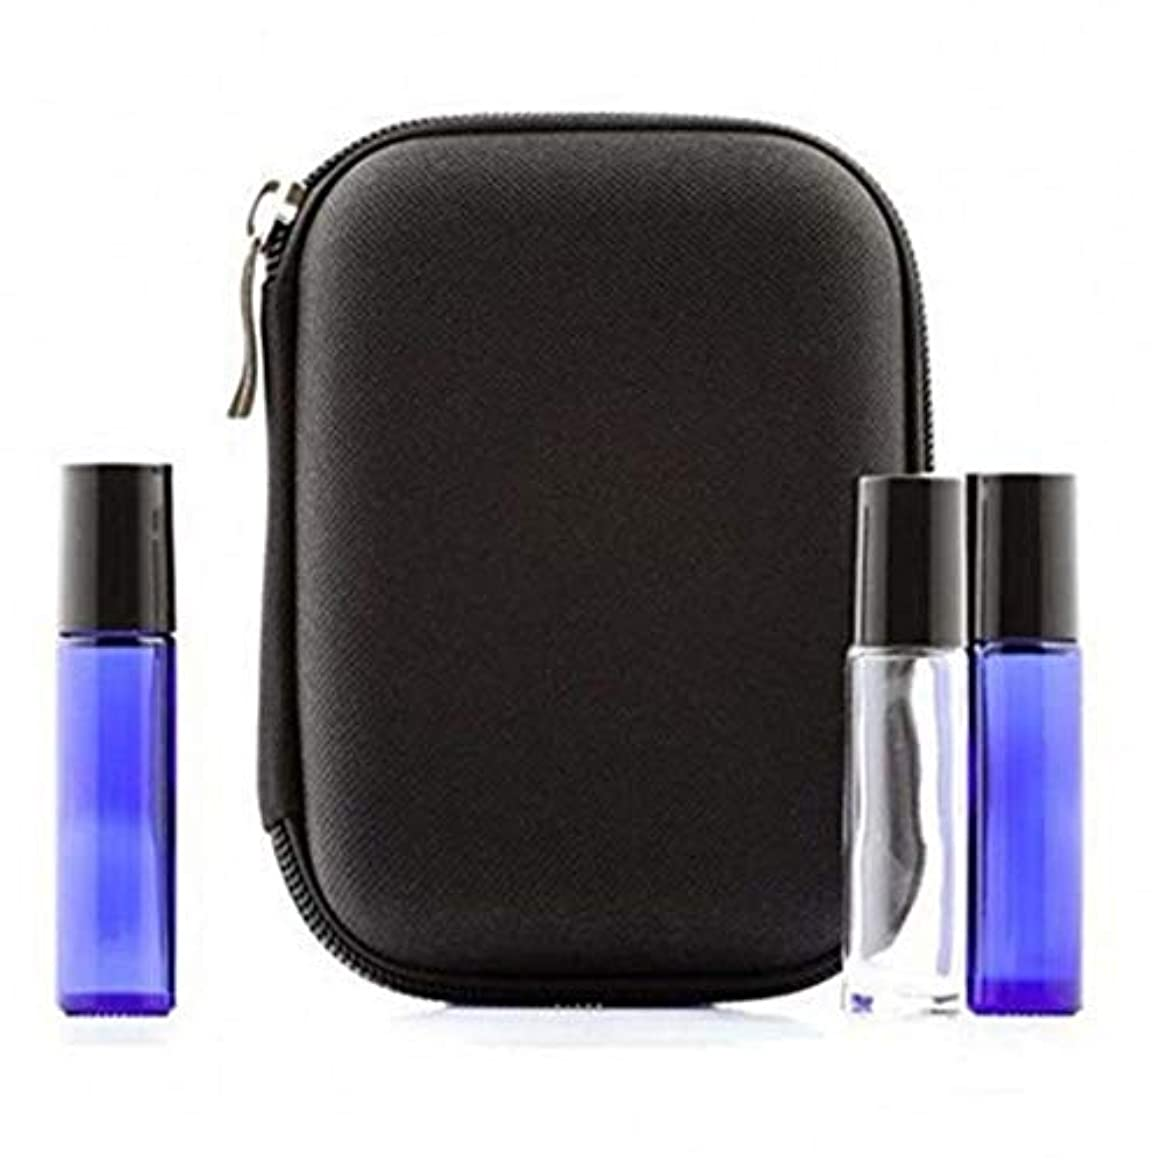 すみませんシットコム取り組む精油ケース 最大10本のボトルローラーと標準ボトル10ミリリットルパーフェクト(ブラック)のためのケースプレミアムハードシェル保護キャリングエッセンシャルオイルボトル 携帯便利 (色 : ブラック, サイズ : 15X11X5CM)